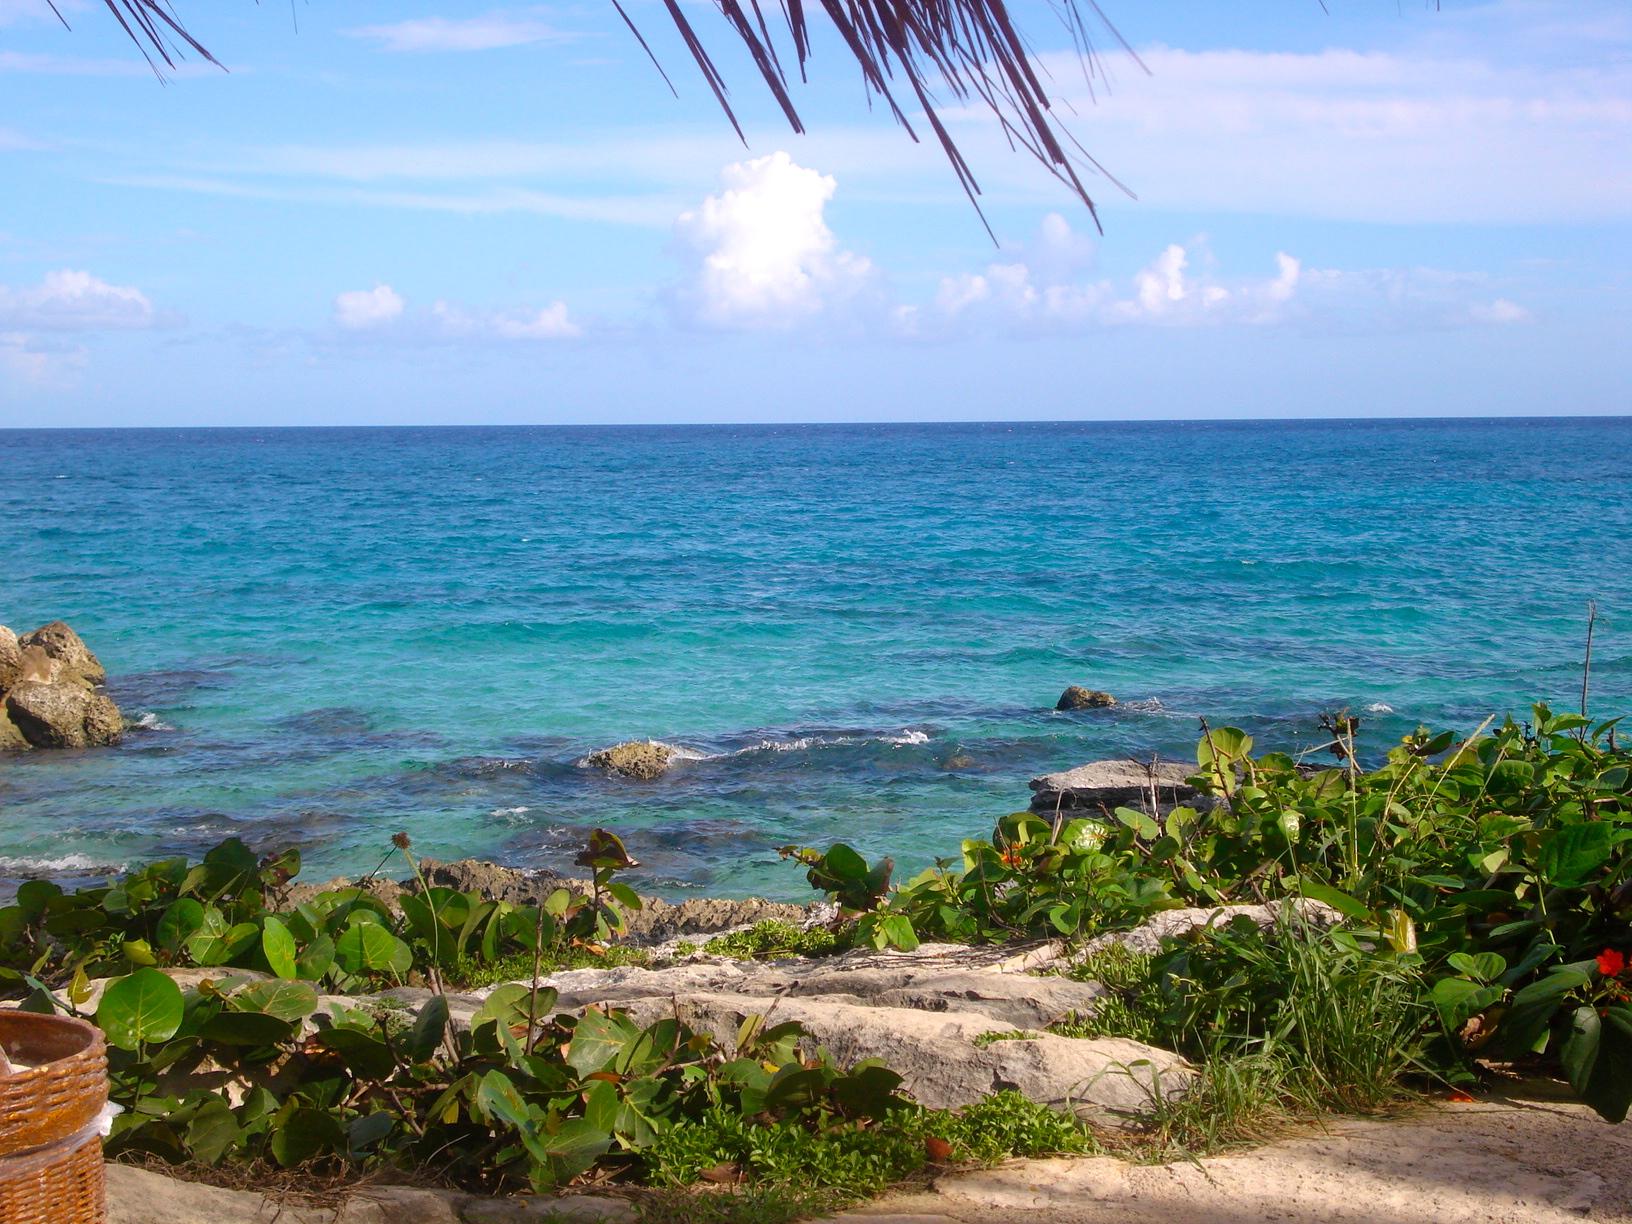 O lindo, maravilhoso e azul mar do Caribe!